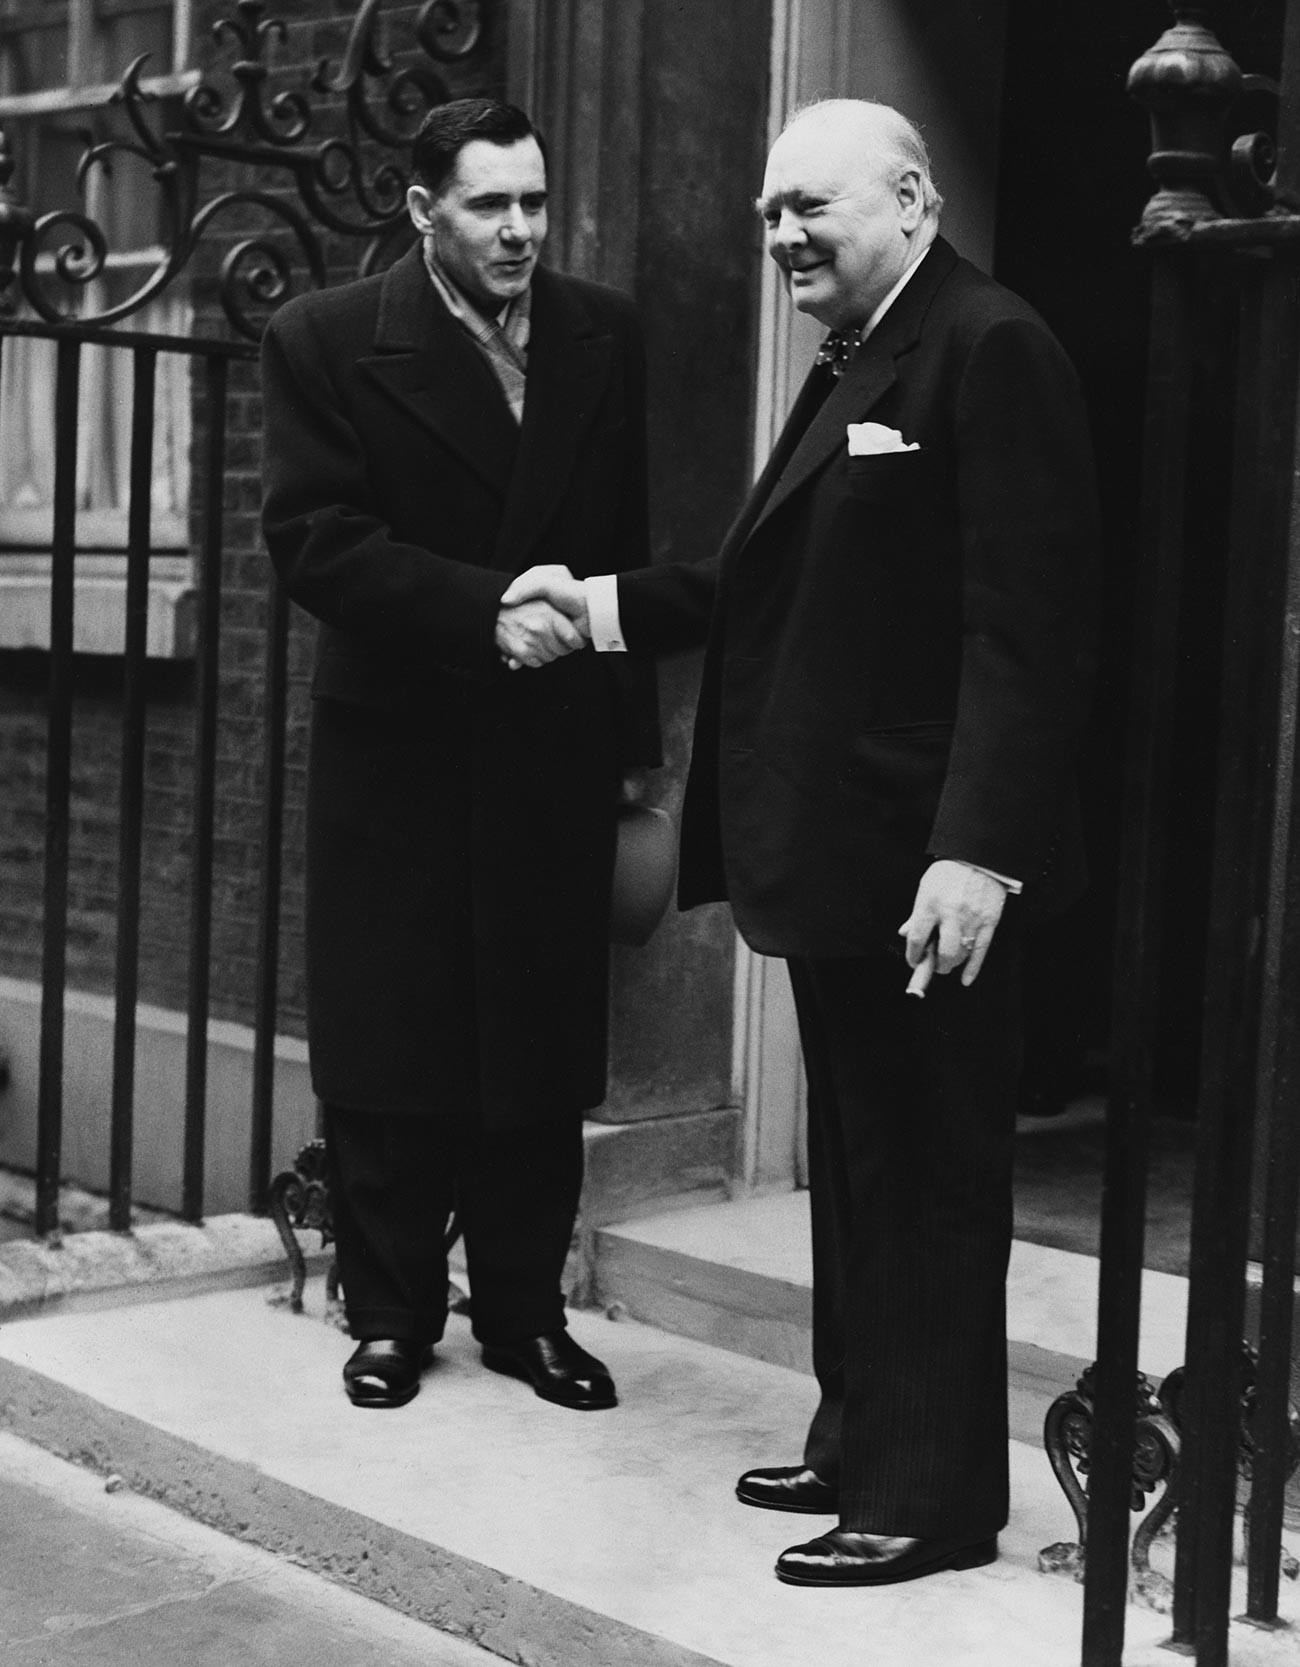 Andrei Gromyko, der 1952 sowjetischer Botschafter in Großbritannien wurde, und der konservative Premierminister Winston Churchill